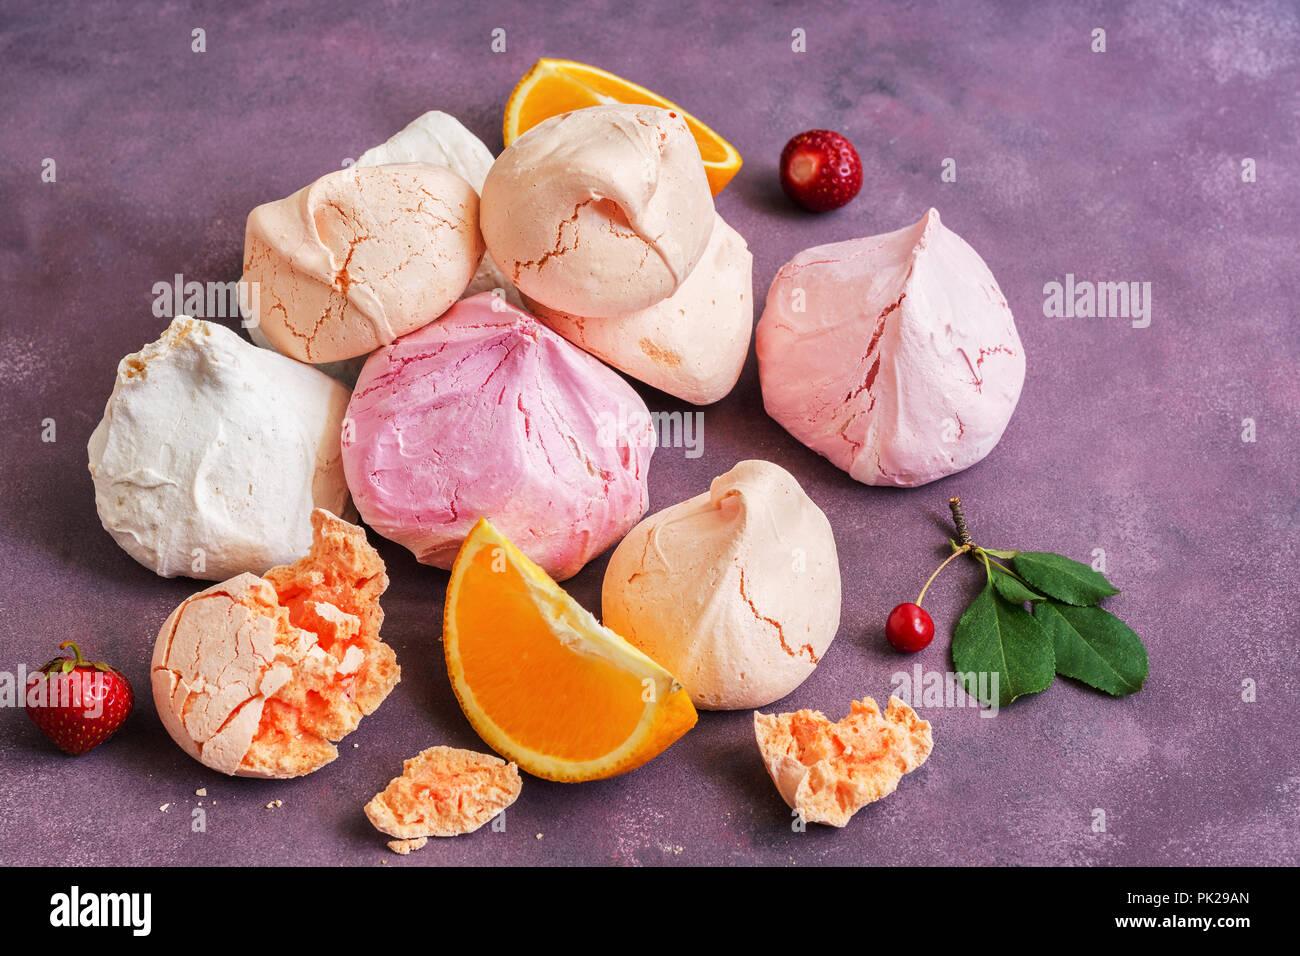 Multicolore di meringa con fragole, ciliegie e arancio su un bellissimo sfondo. Un sacco di meringa, il fuoco selettivo Immagini Stock